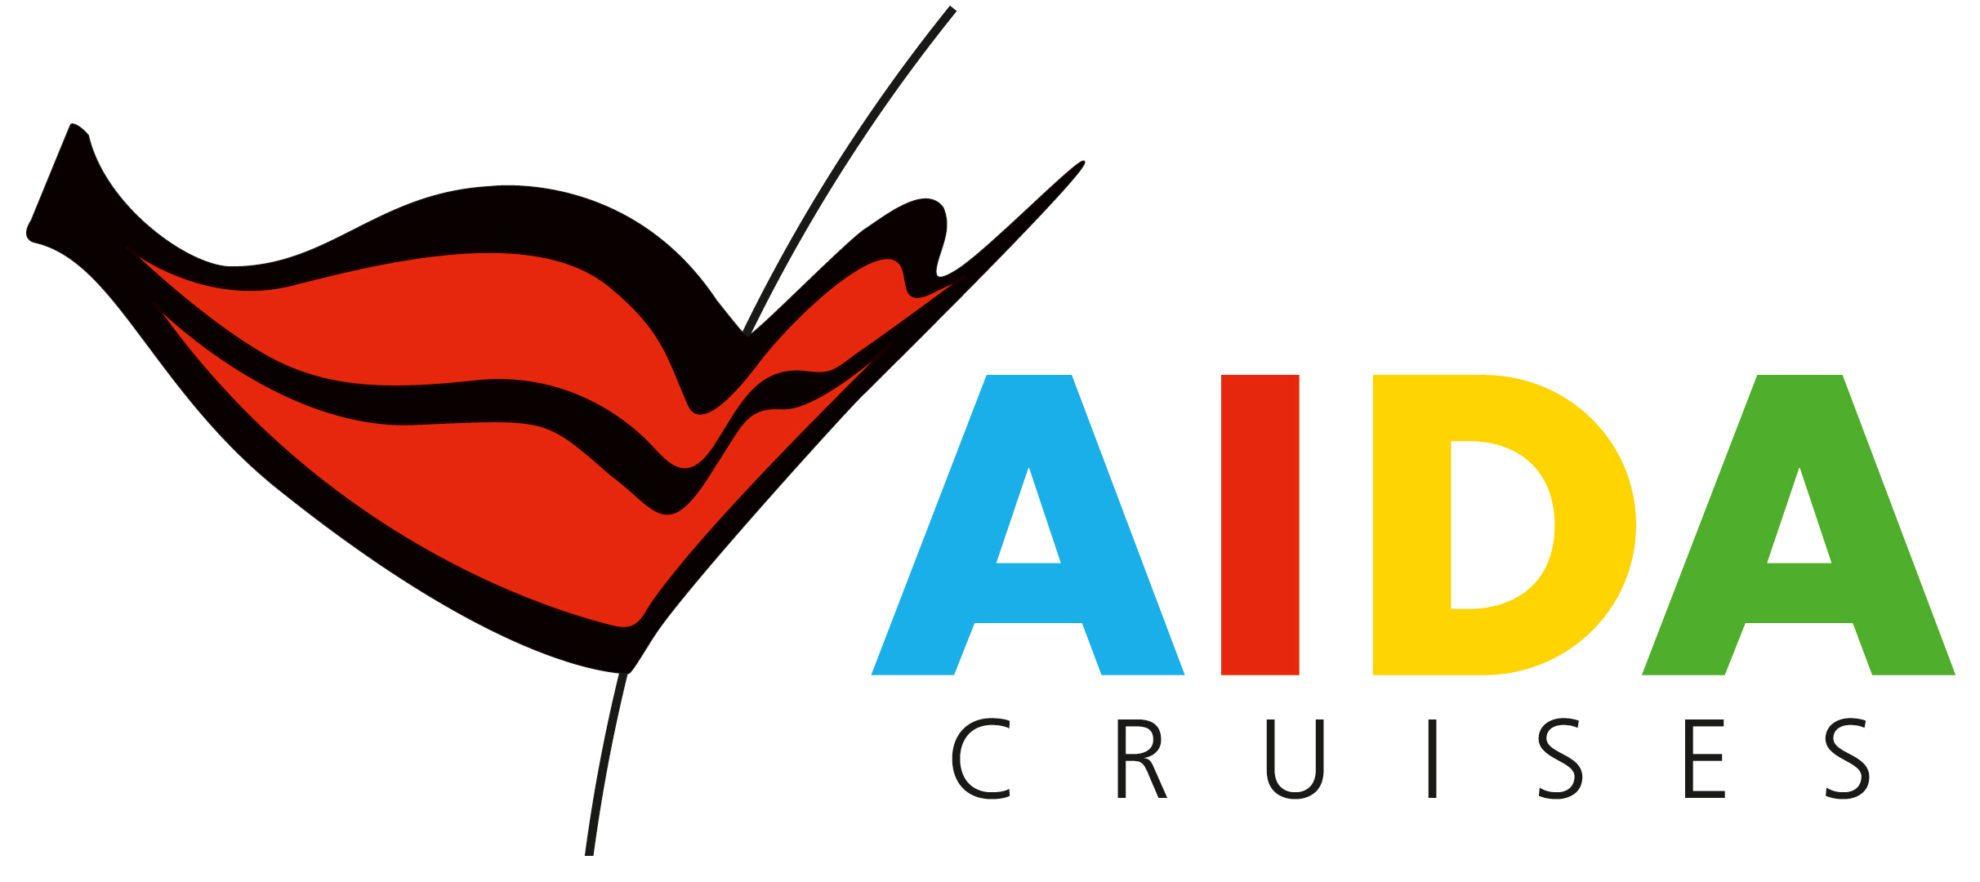 Aida Cruises - немецкая круизная компания-оператор базируется в городе Росток.